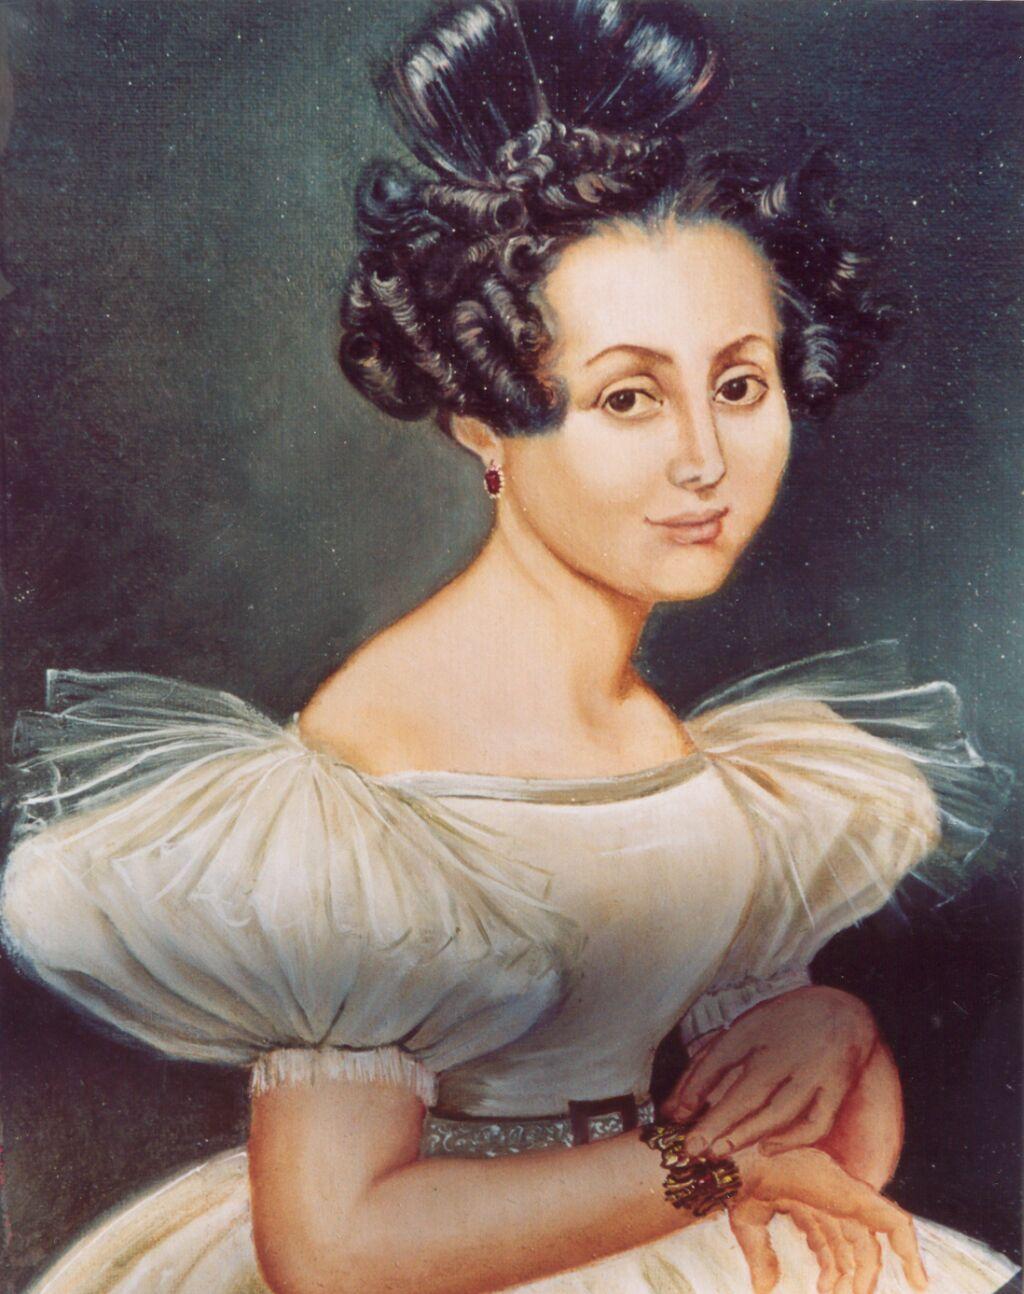 Portrait d une jeune femme vers 1830 copie d un portrait de famille